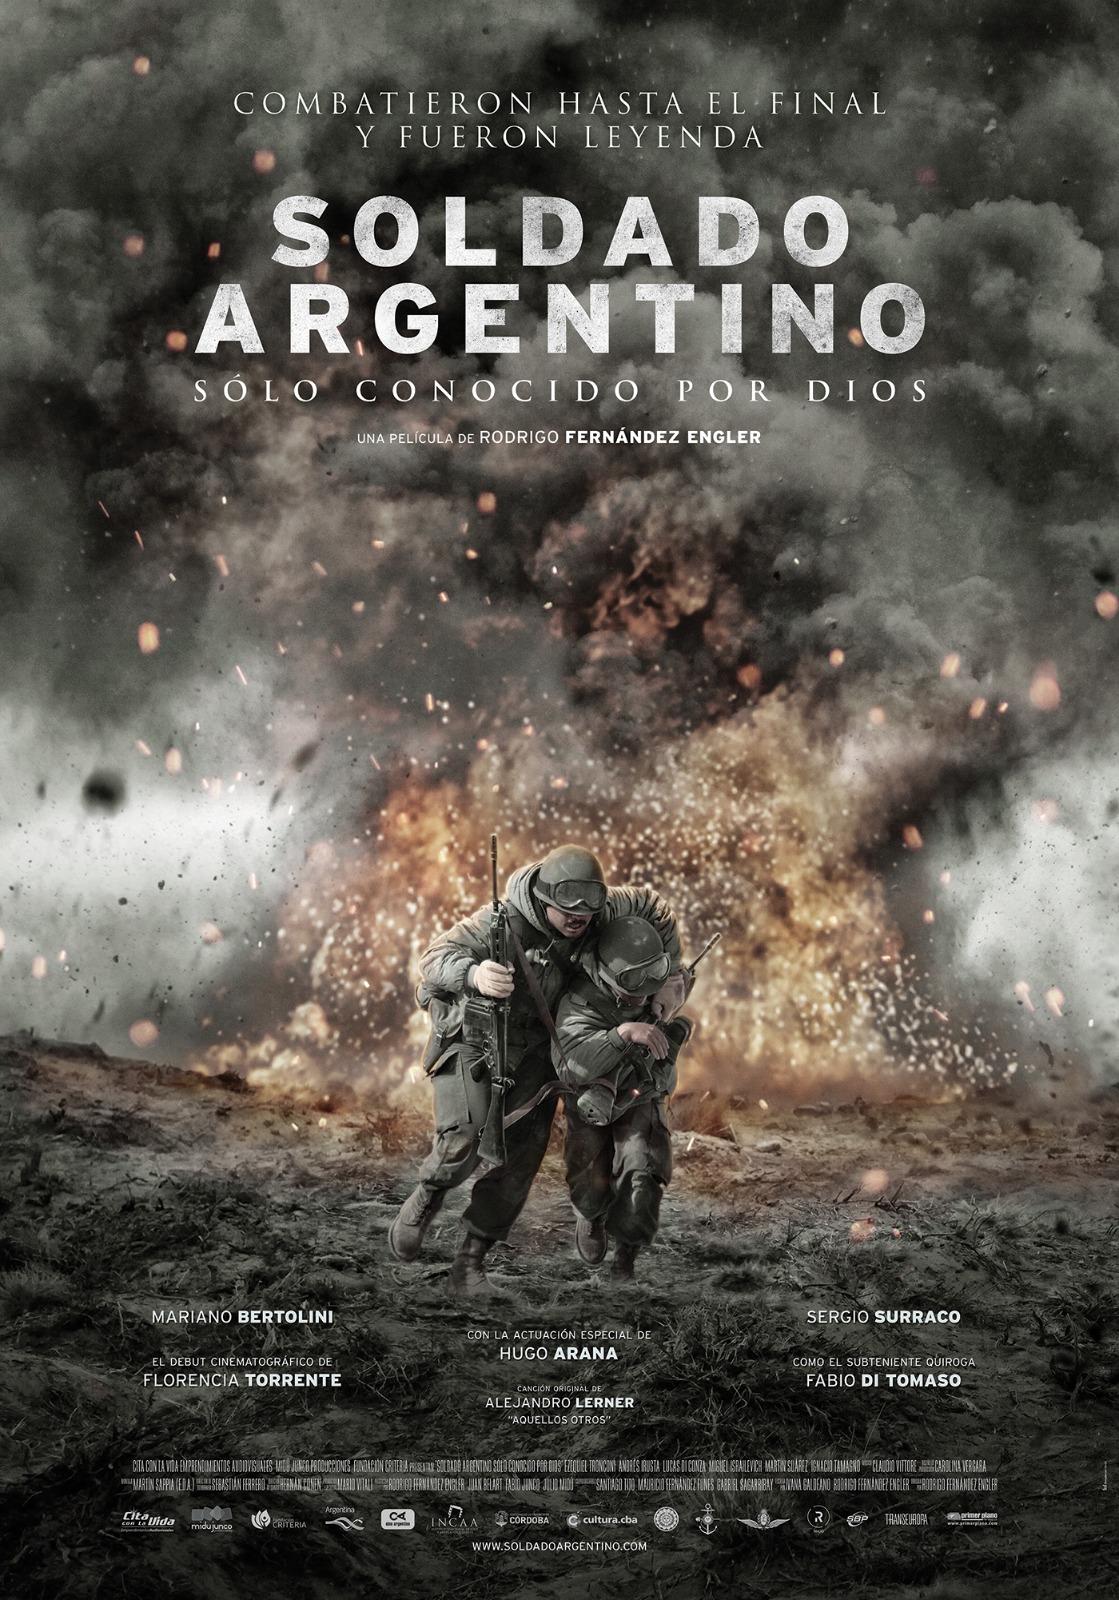 Afiche_oficial_de_la_película